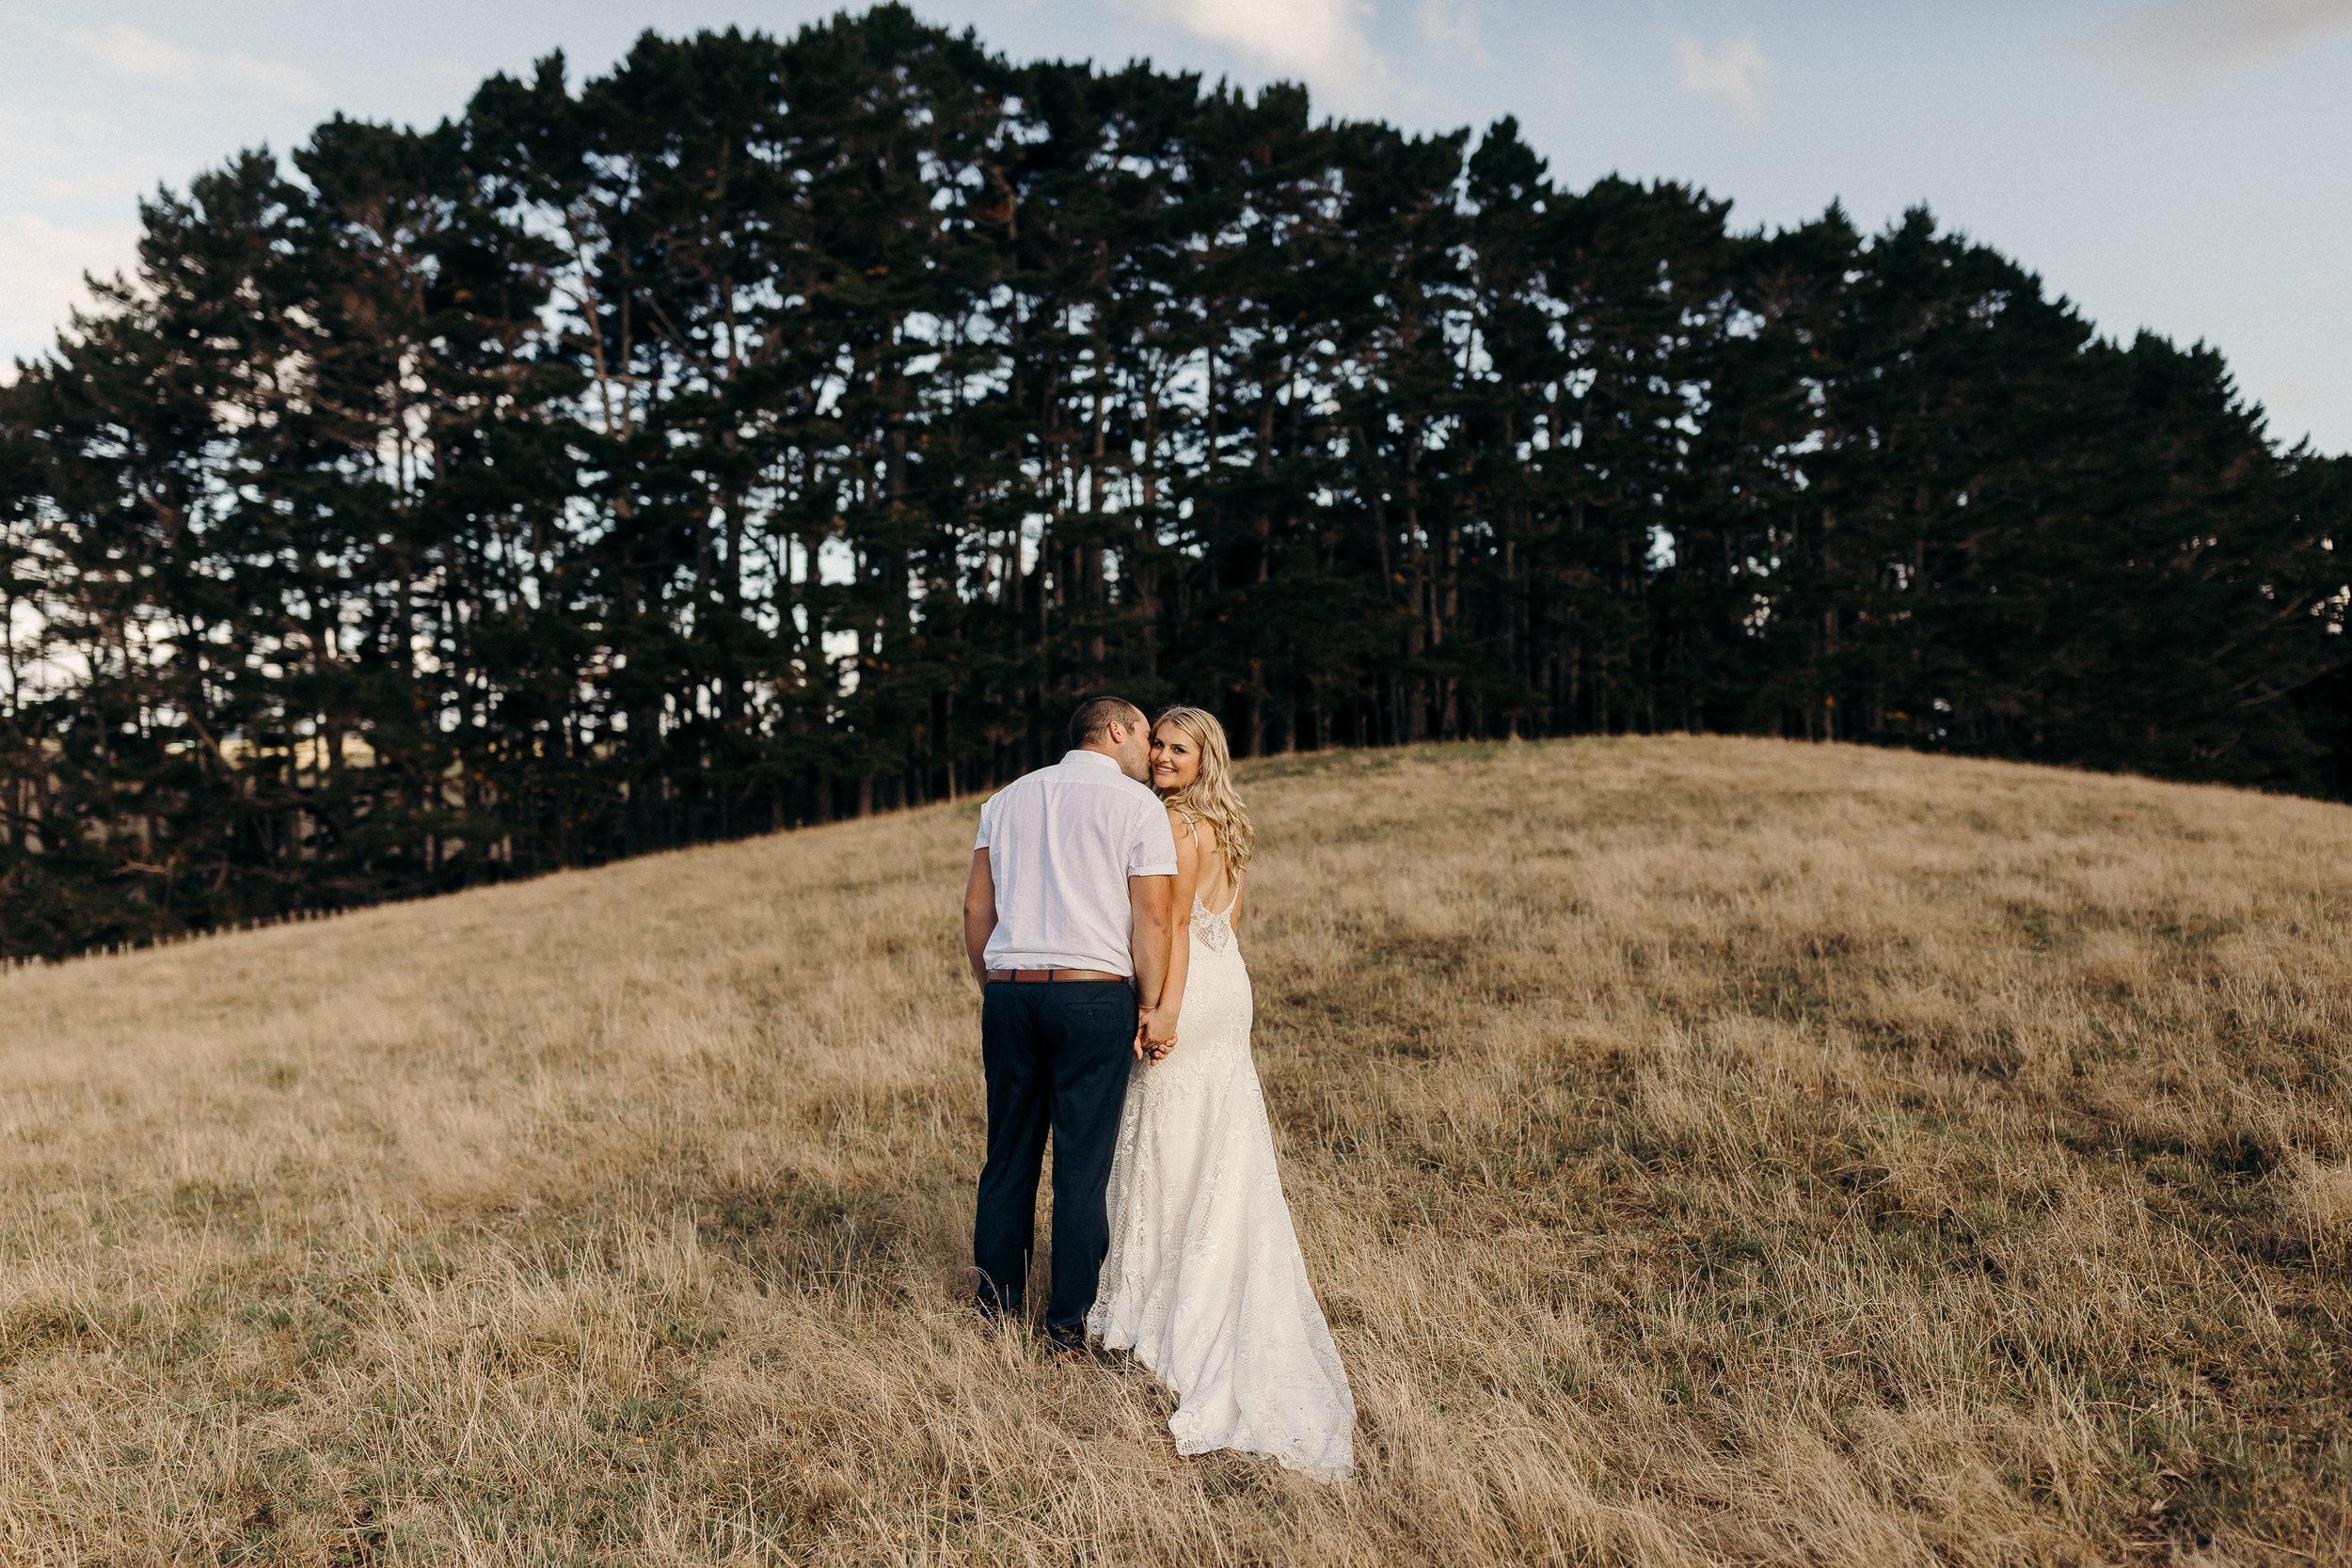 jessie_matt_wedding_020.jpg